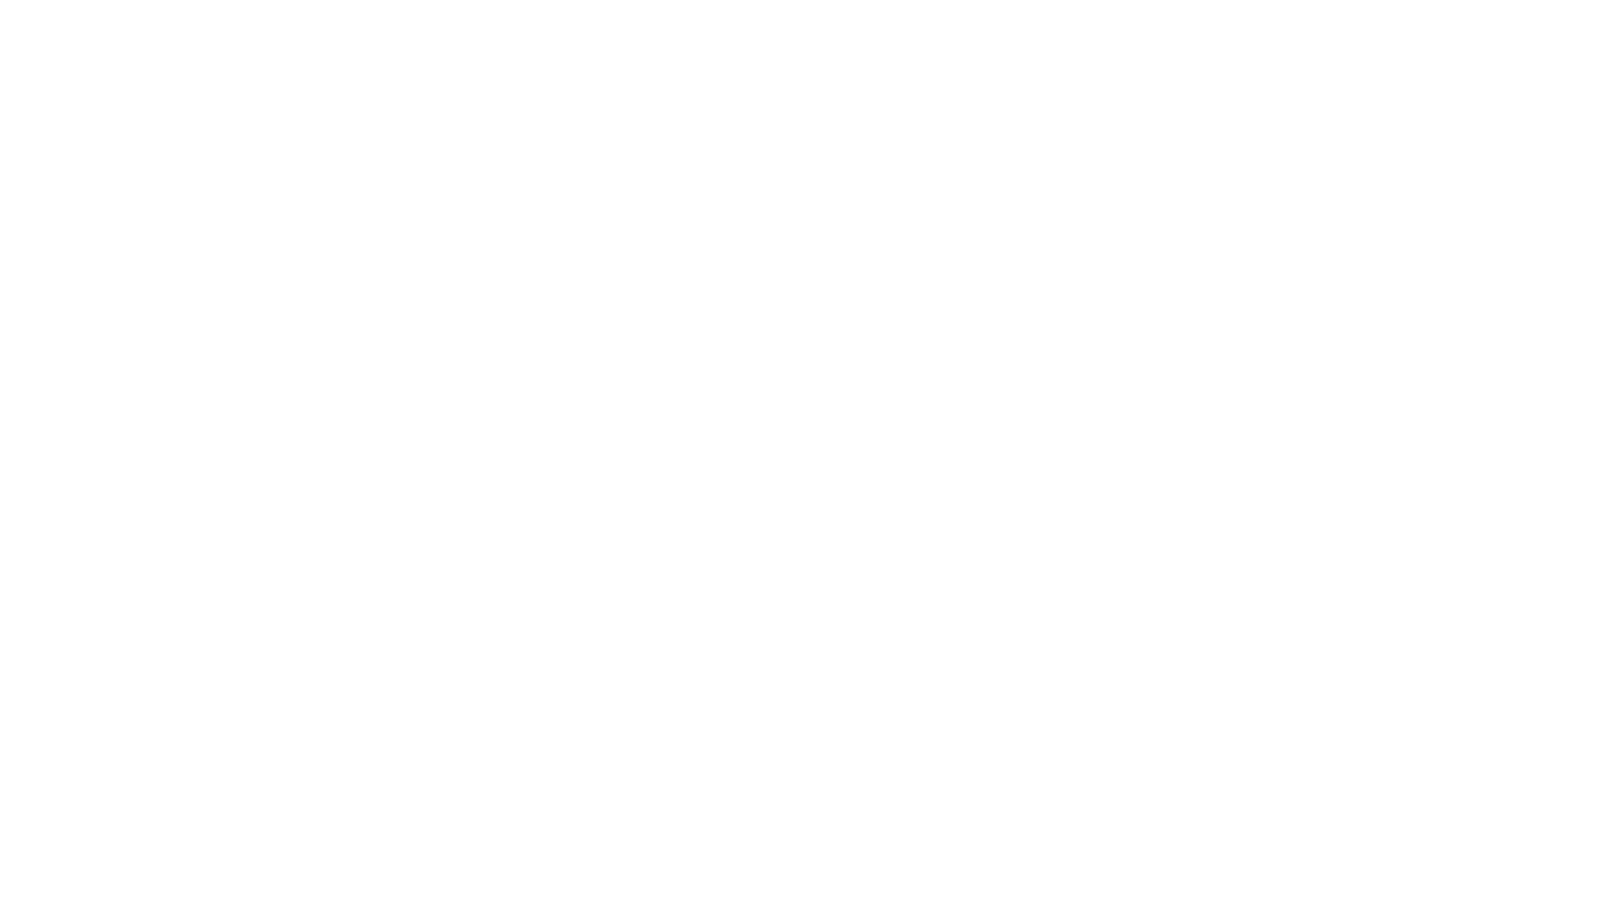 """""""Rescate Emocional para una nueva realidad empresarial"""" Mesa Redonda Virtual - 23 Junio 2020 Organizan CEOE Campus y APERTIA  Modera: Mª Teresa Gómez Condado, directora general de CEOE  Panel de expertos: María Jesús Álava Reyes  - Presidenta Apertia-Consulting.  - Presidenta Fundación María Jesús Álava Reyes.  - Directora Centro de Psicología Álava Reyes.  Antonio San José  - Periodista - Director de Comunicación de Azvalor Asset Management.  - Analista de actualidad en Herrera en COPE.  Margarita Álvarez Escritora - Conferenciante - Miembro del Consejo Asesor varias compañías.  Dra. Clotilde Vázquez  - Especialista en Endocrinología y Nutrición.  - Jefa Corporativa de Endocrinología y Nutrición de la Fundación Jiménez Díaz, y de los Hospitales Infanta Elena, General de Villalba, y Rey Juan Carlos en Madrid.  - CEO y Directora Médica de Medicadiet.   Estos expertos forman parte del equipo docente que lidera Mª Jesús Álava Reyes, en el Programa «Bienestar Emocional, el reto de las empresas» http://ceoecampus.es/programa/bienestar-emocional-el-reto-de-las-empresas/"""